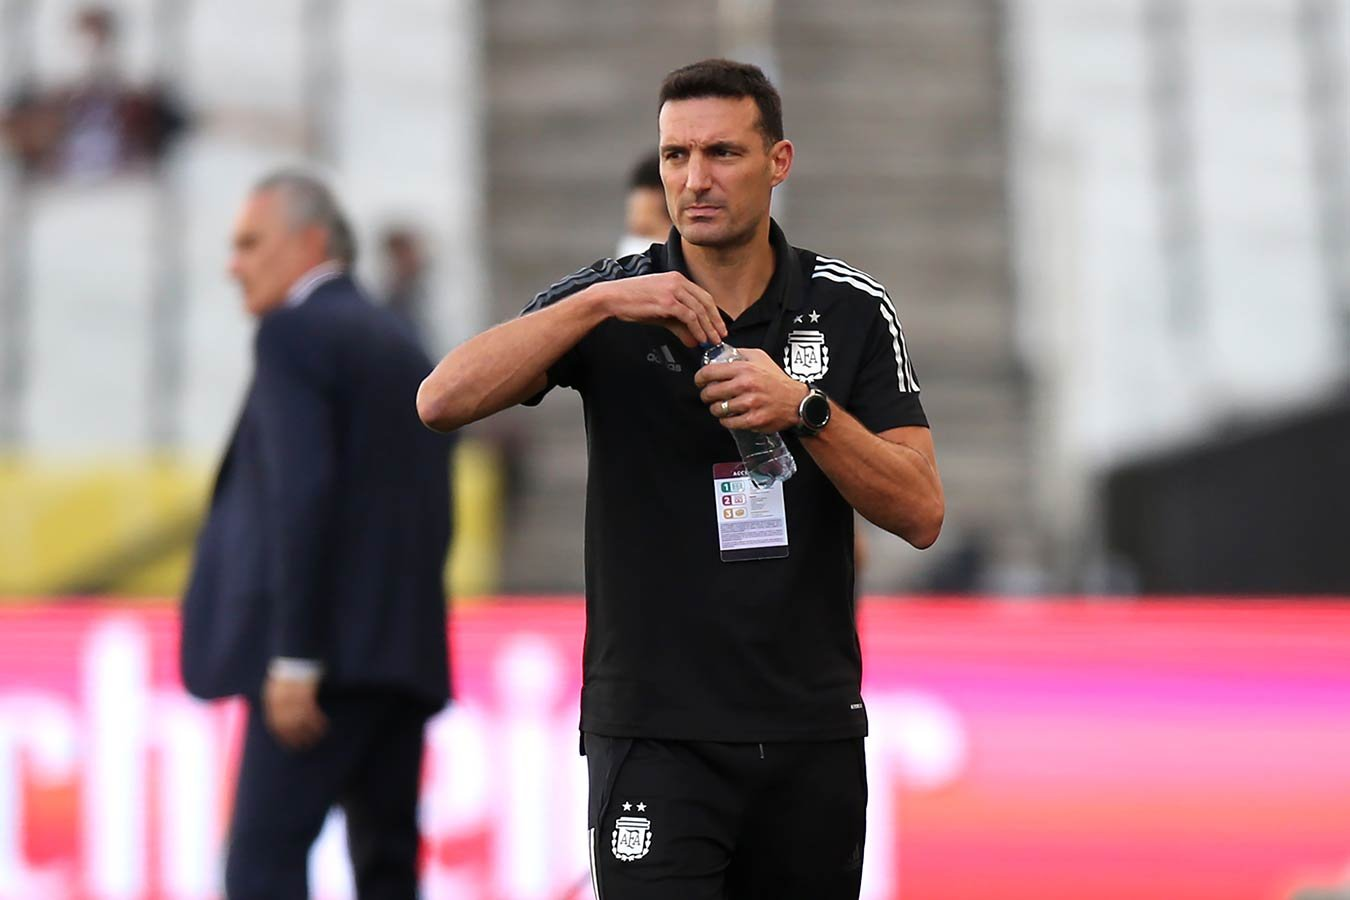 Тренер сборной Аргентины прокомментировал уход игроков с поля в матче с Бразилией